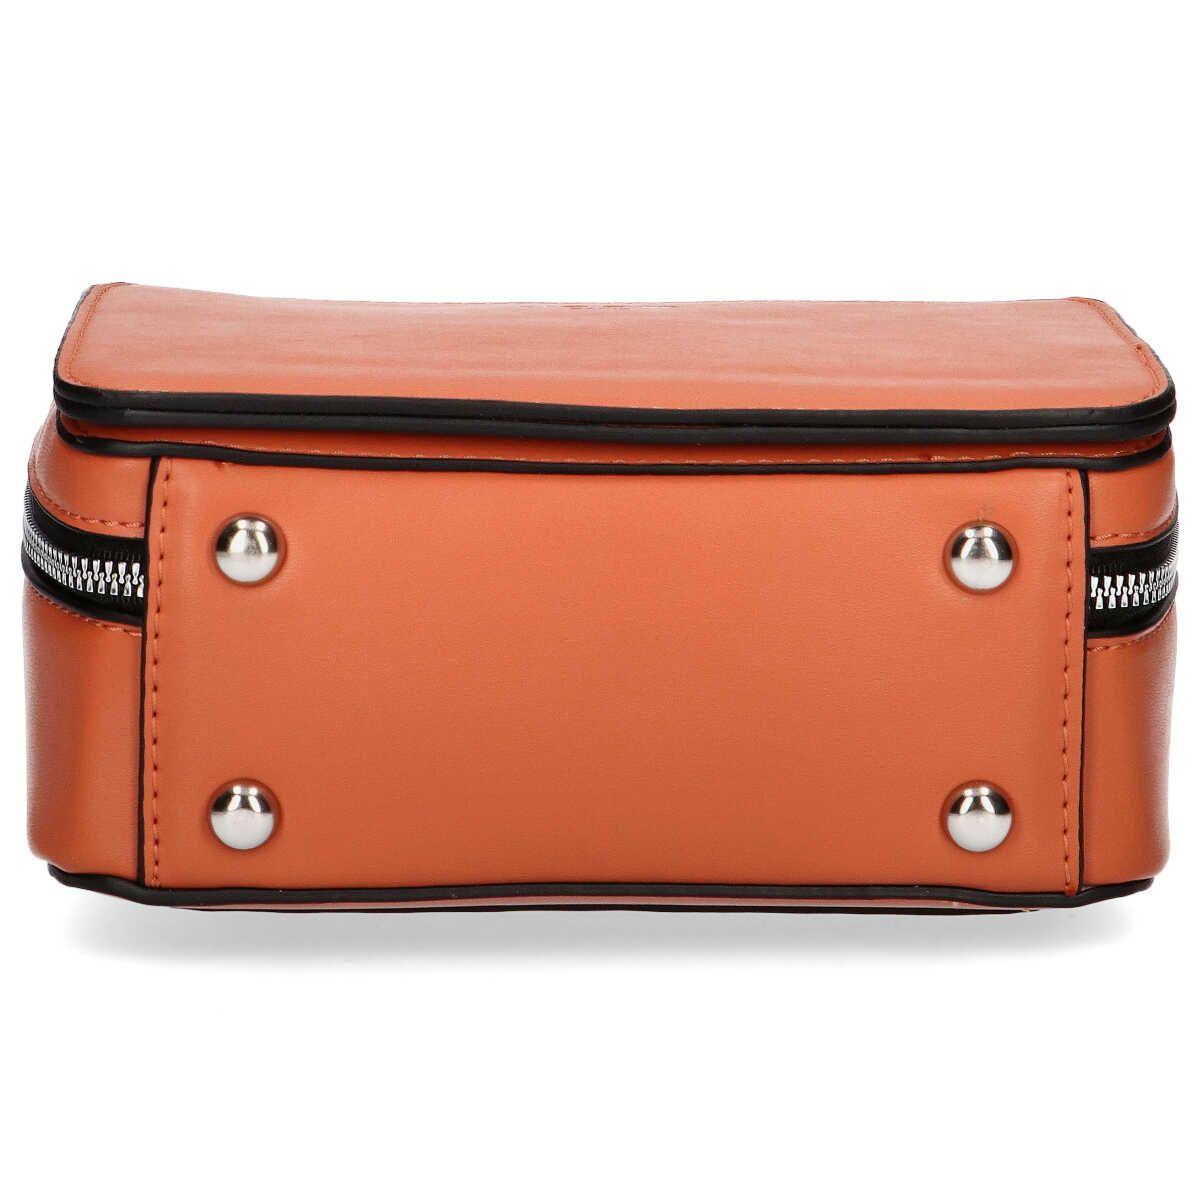 کیف رو دوشی زنانه دیوید جونز مدل 5662 -  - 9